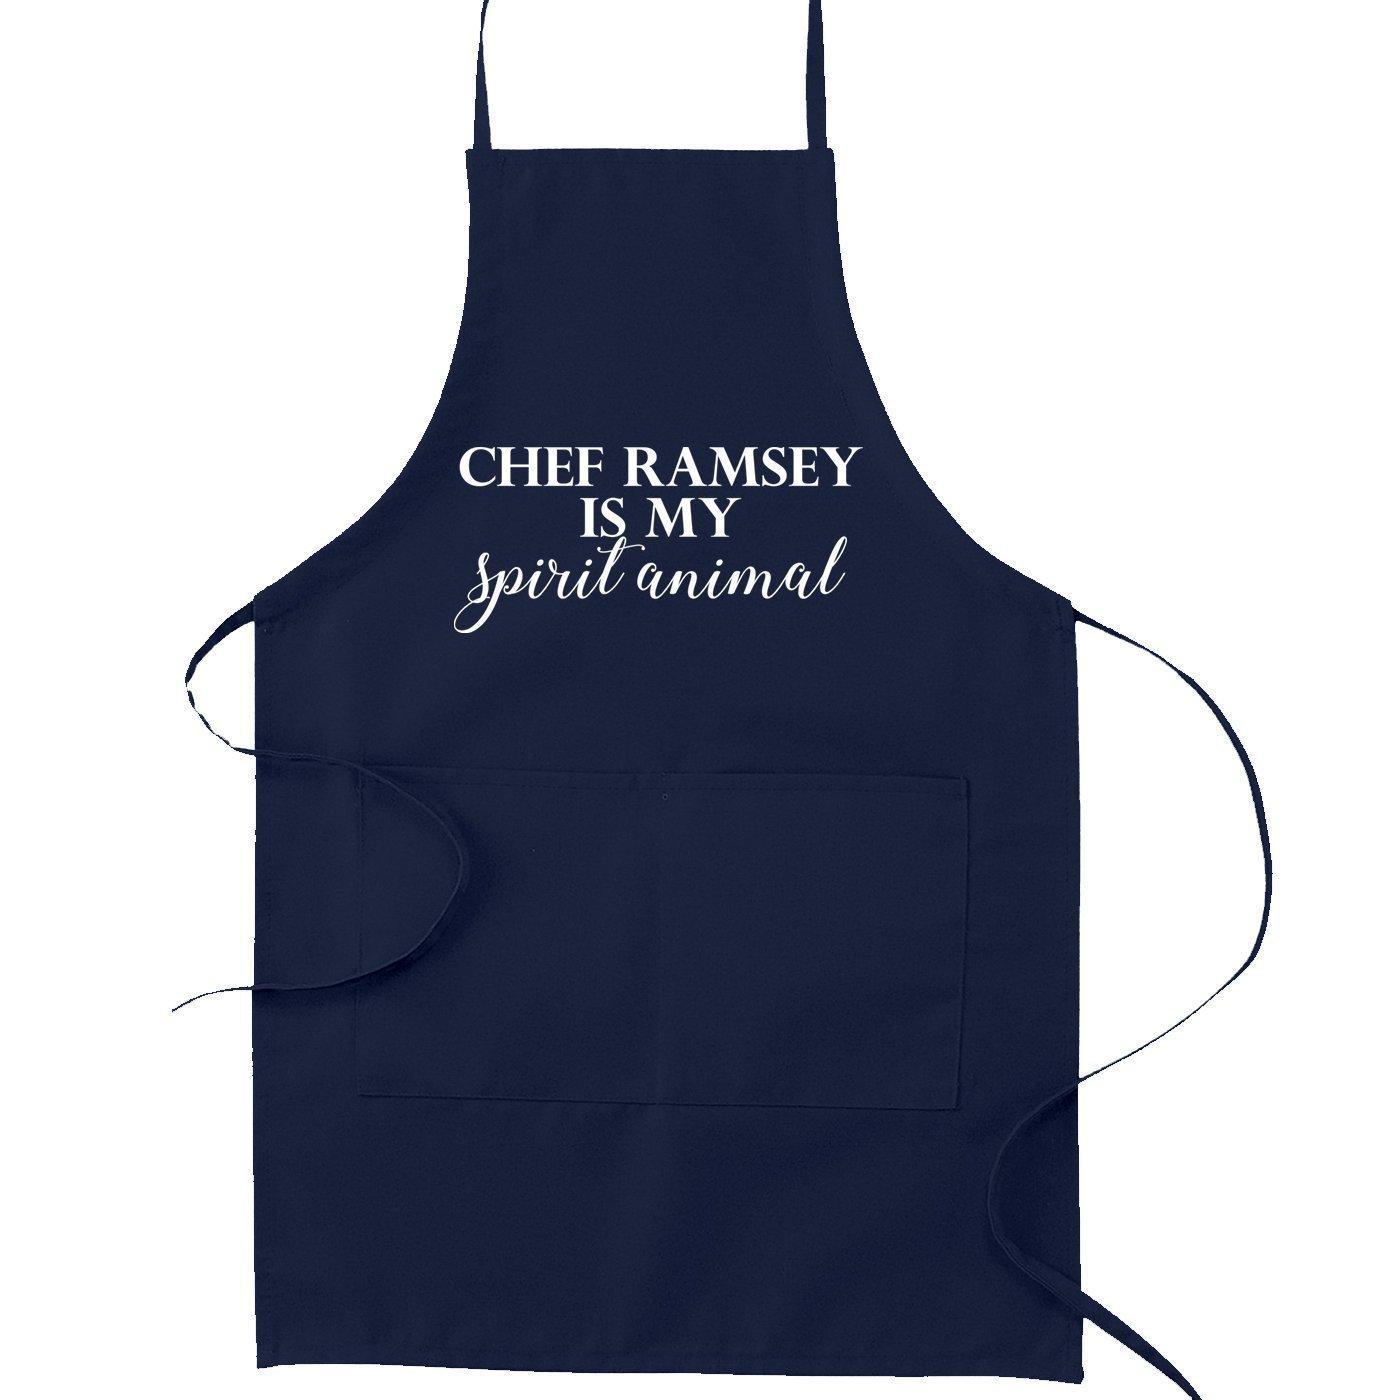 シェフRamsey is my spirit動物おかしいパロディCooking Bakingキッチンエプロン OneSize ブルー SP-00095KA-NB  ネイビーブルー B01NB1CSBE